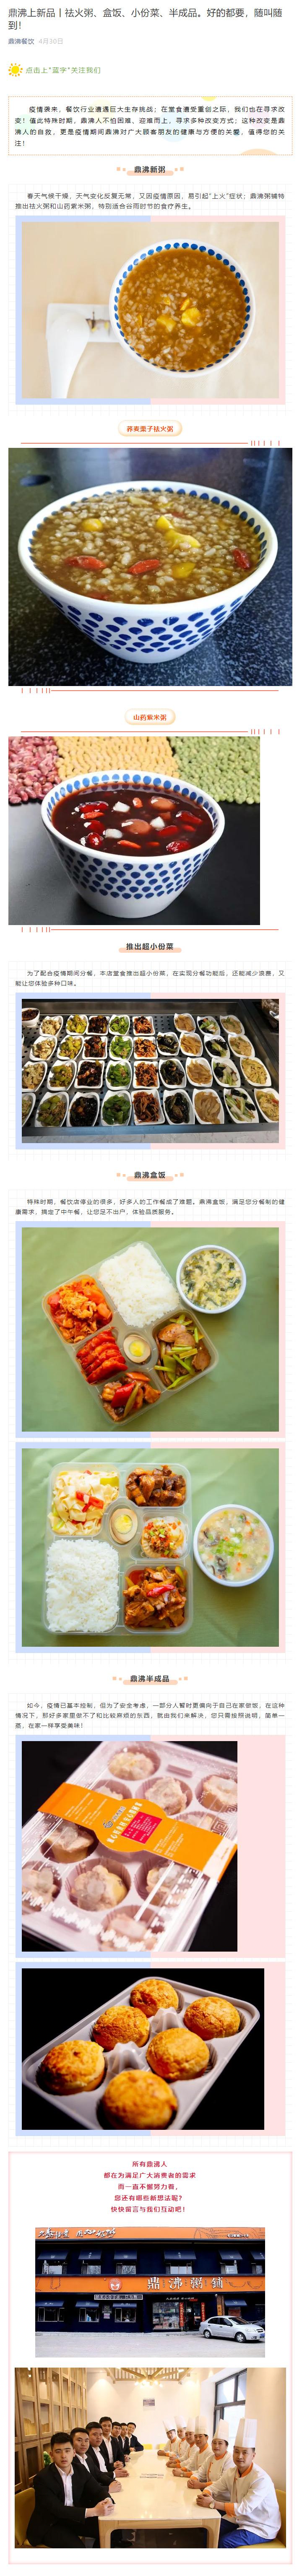 鼎沸上新品丨祛火粥、盒饭、小份菜、半成品。好的都要,随叫随到!_03.jpg